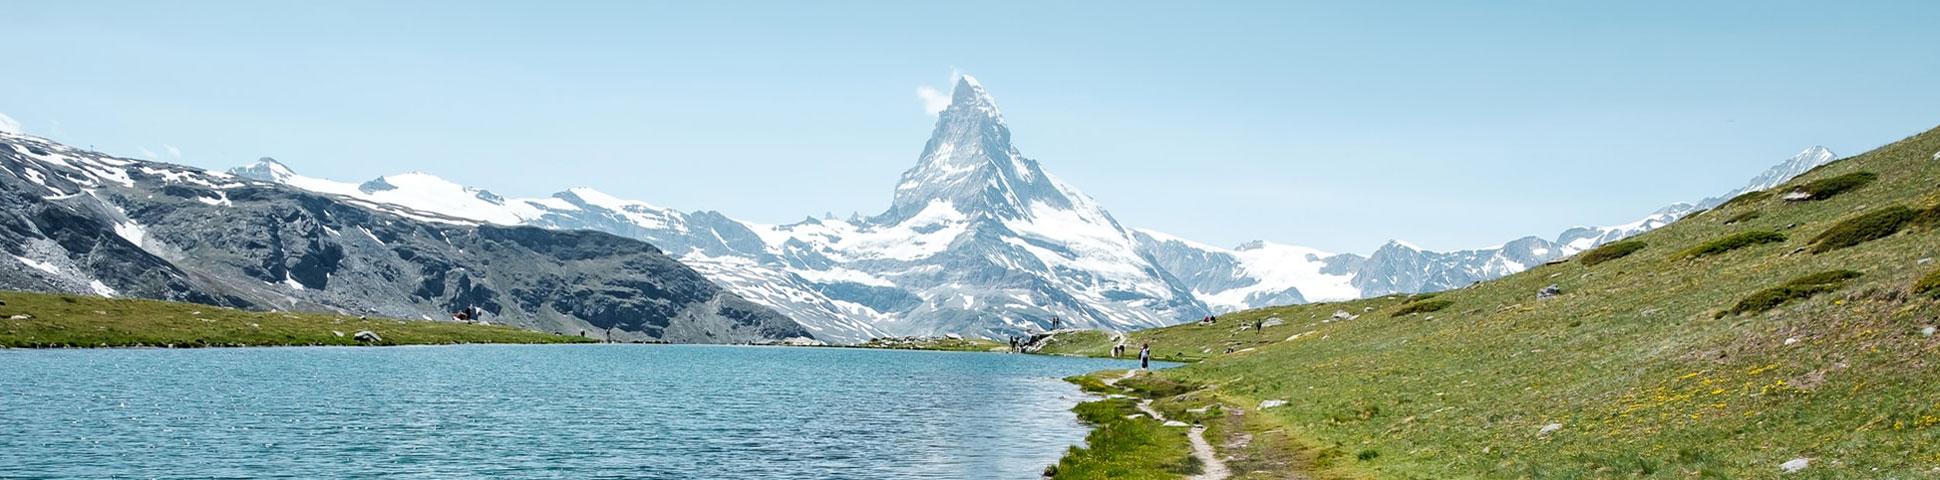 Panoramic view of Matterhorn on self-guided Haute Route from Chamonix to Zermatt